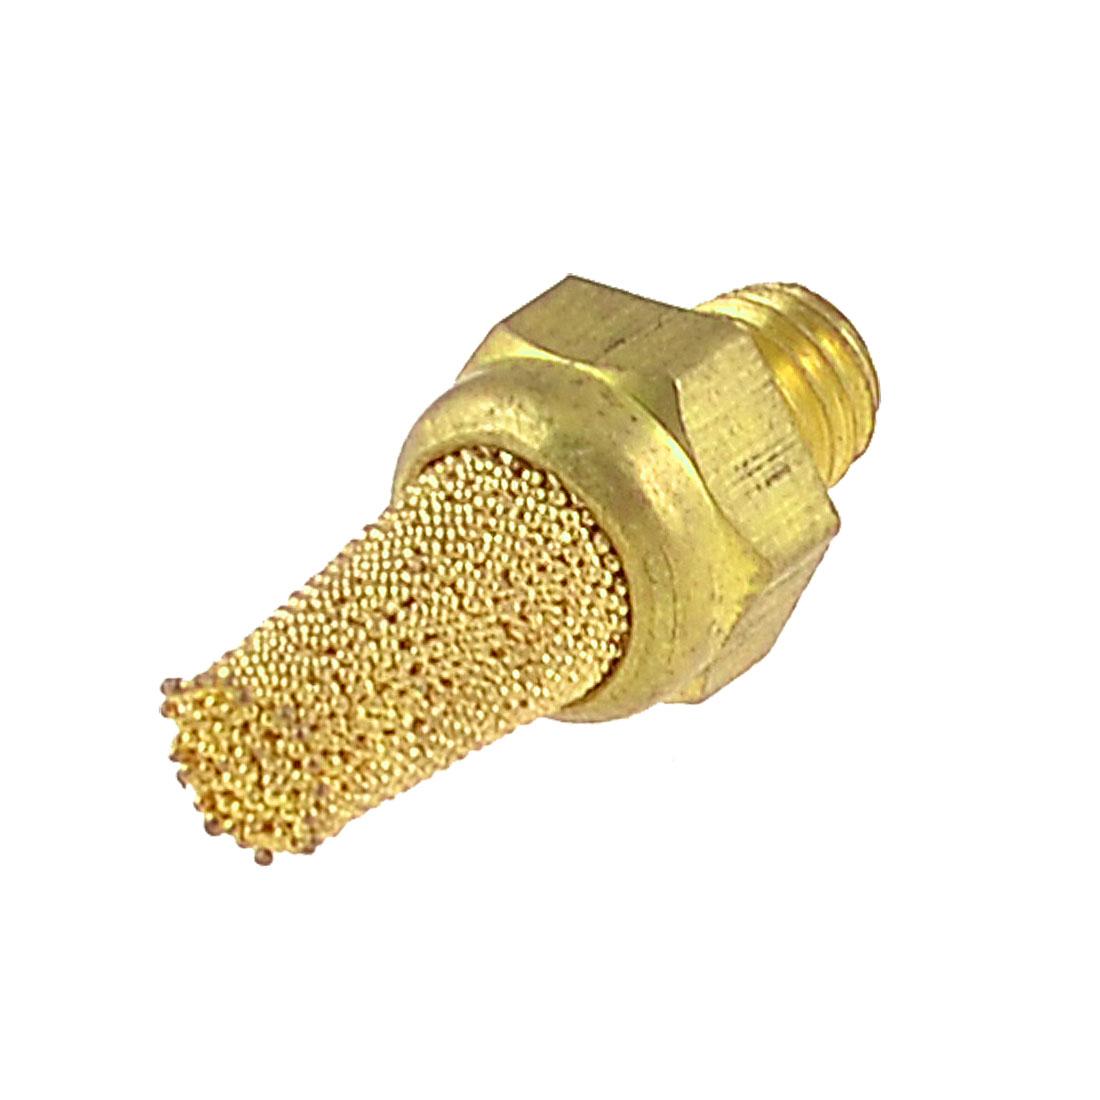 5mm Male Thread Sintered Pneumatic Air Exhaust Silencer Muffler